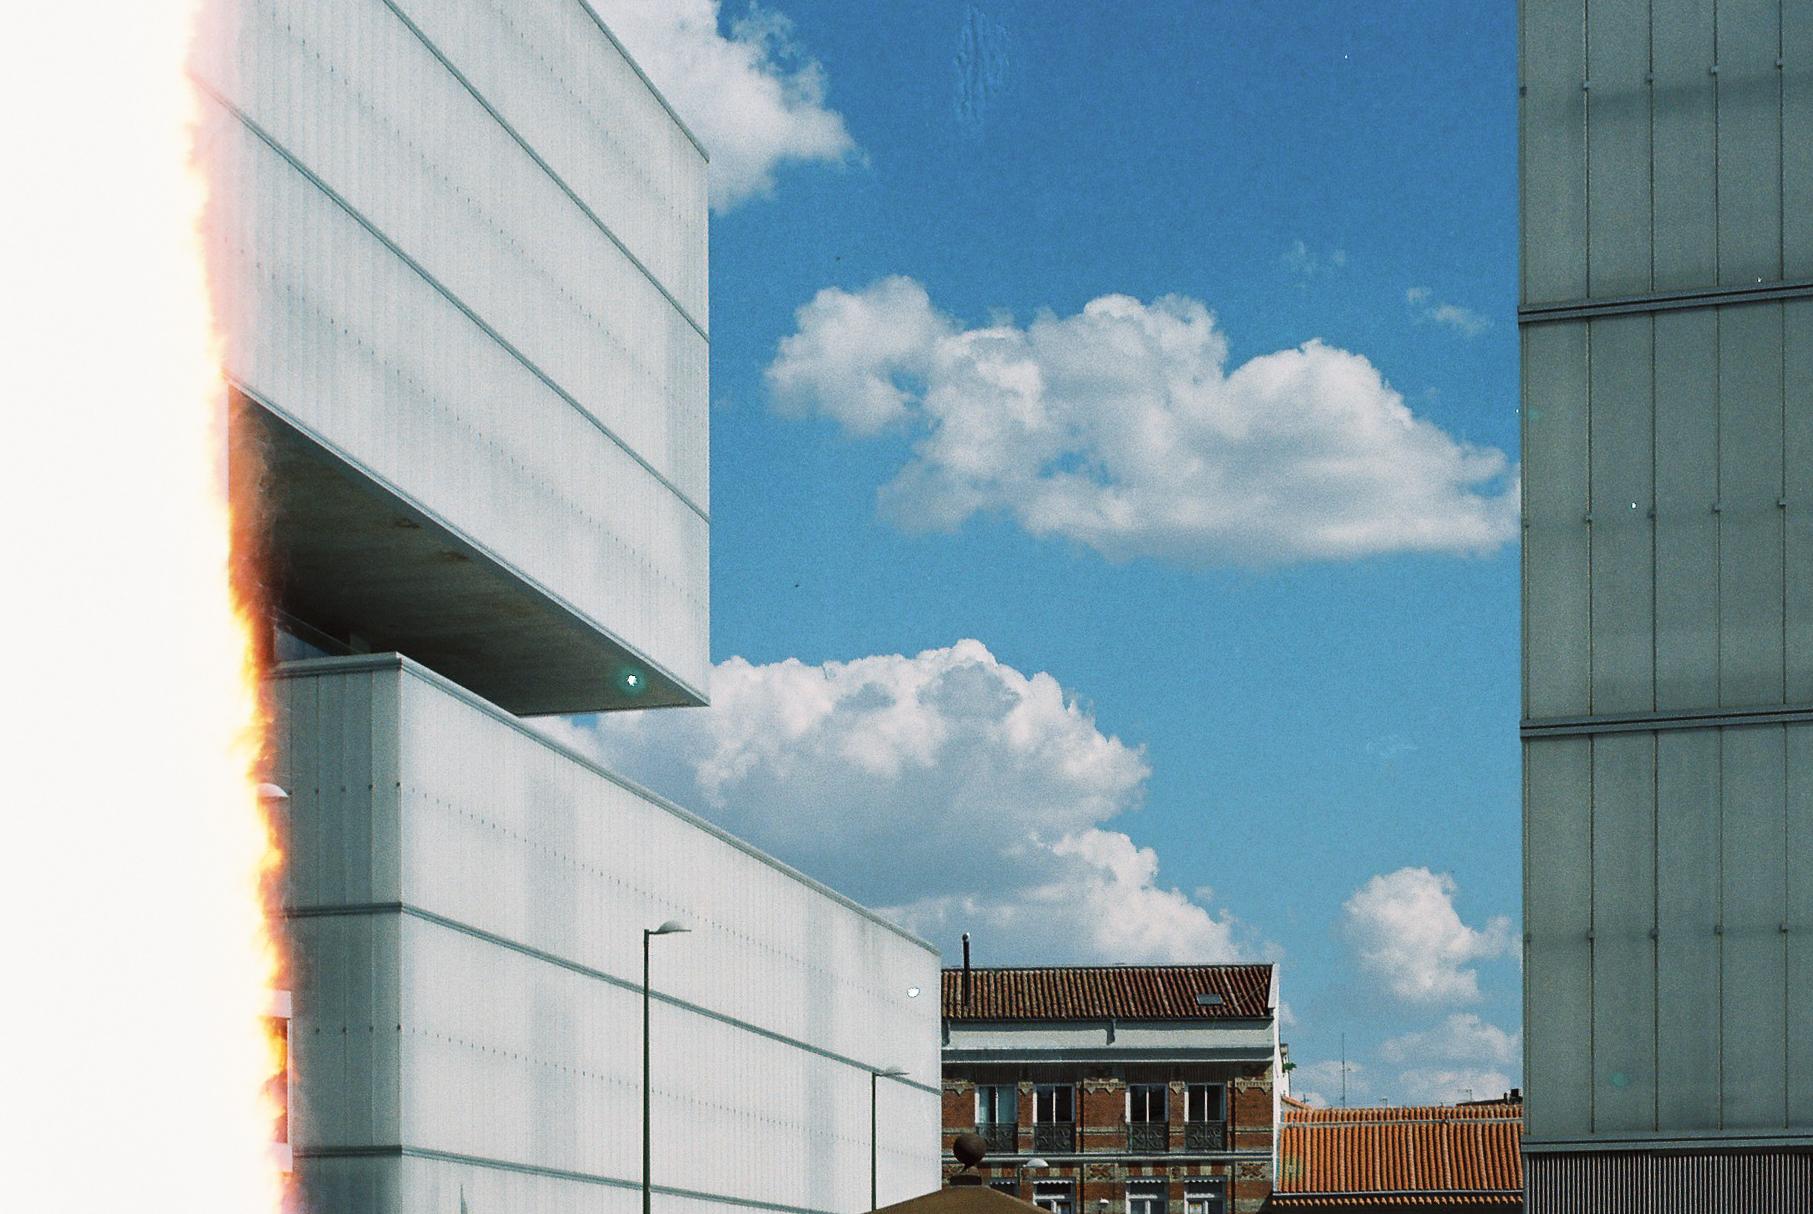 Copy of Buildings, Madrid (35mm)